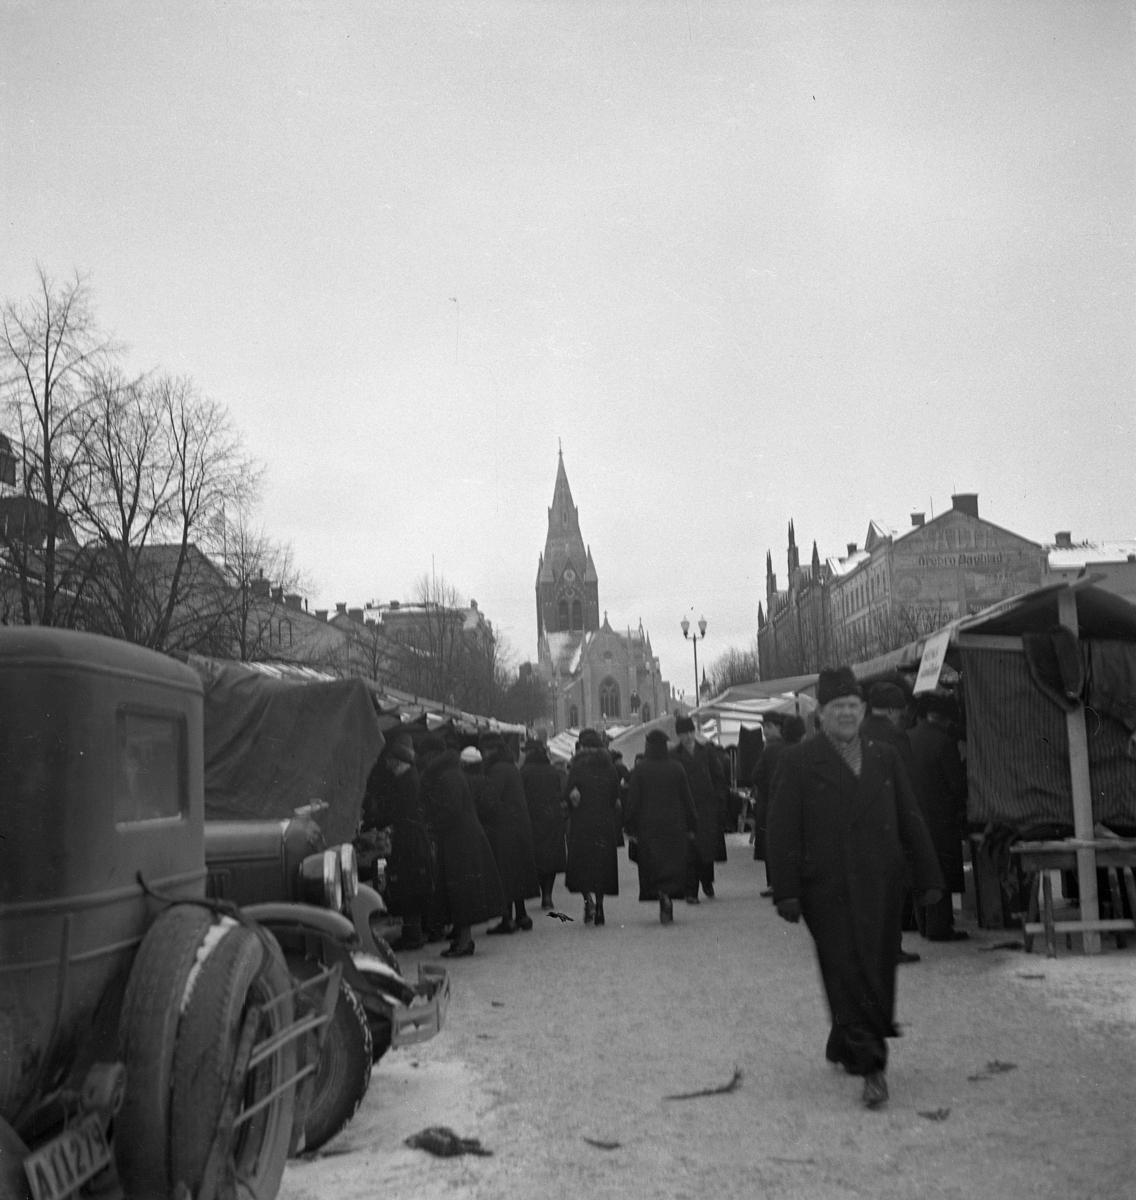 Hindersmässan i Örebro den 28 januari 1937. Människor promenerar mellan marknadsstånden på östra delen av Stortorget. Nikolaikyrkan syns i bakgrunden.